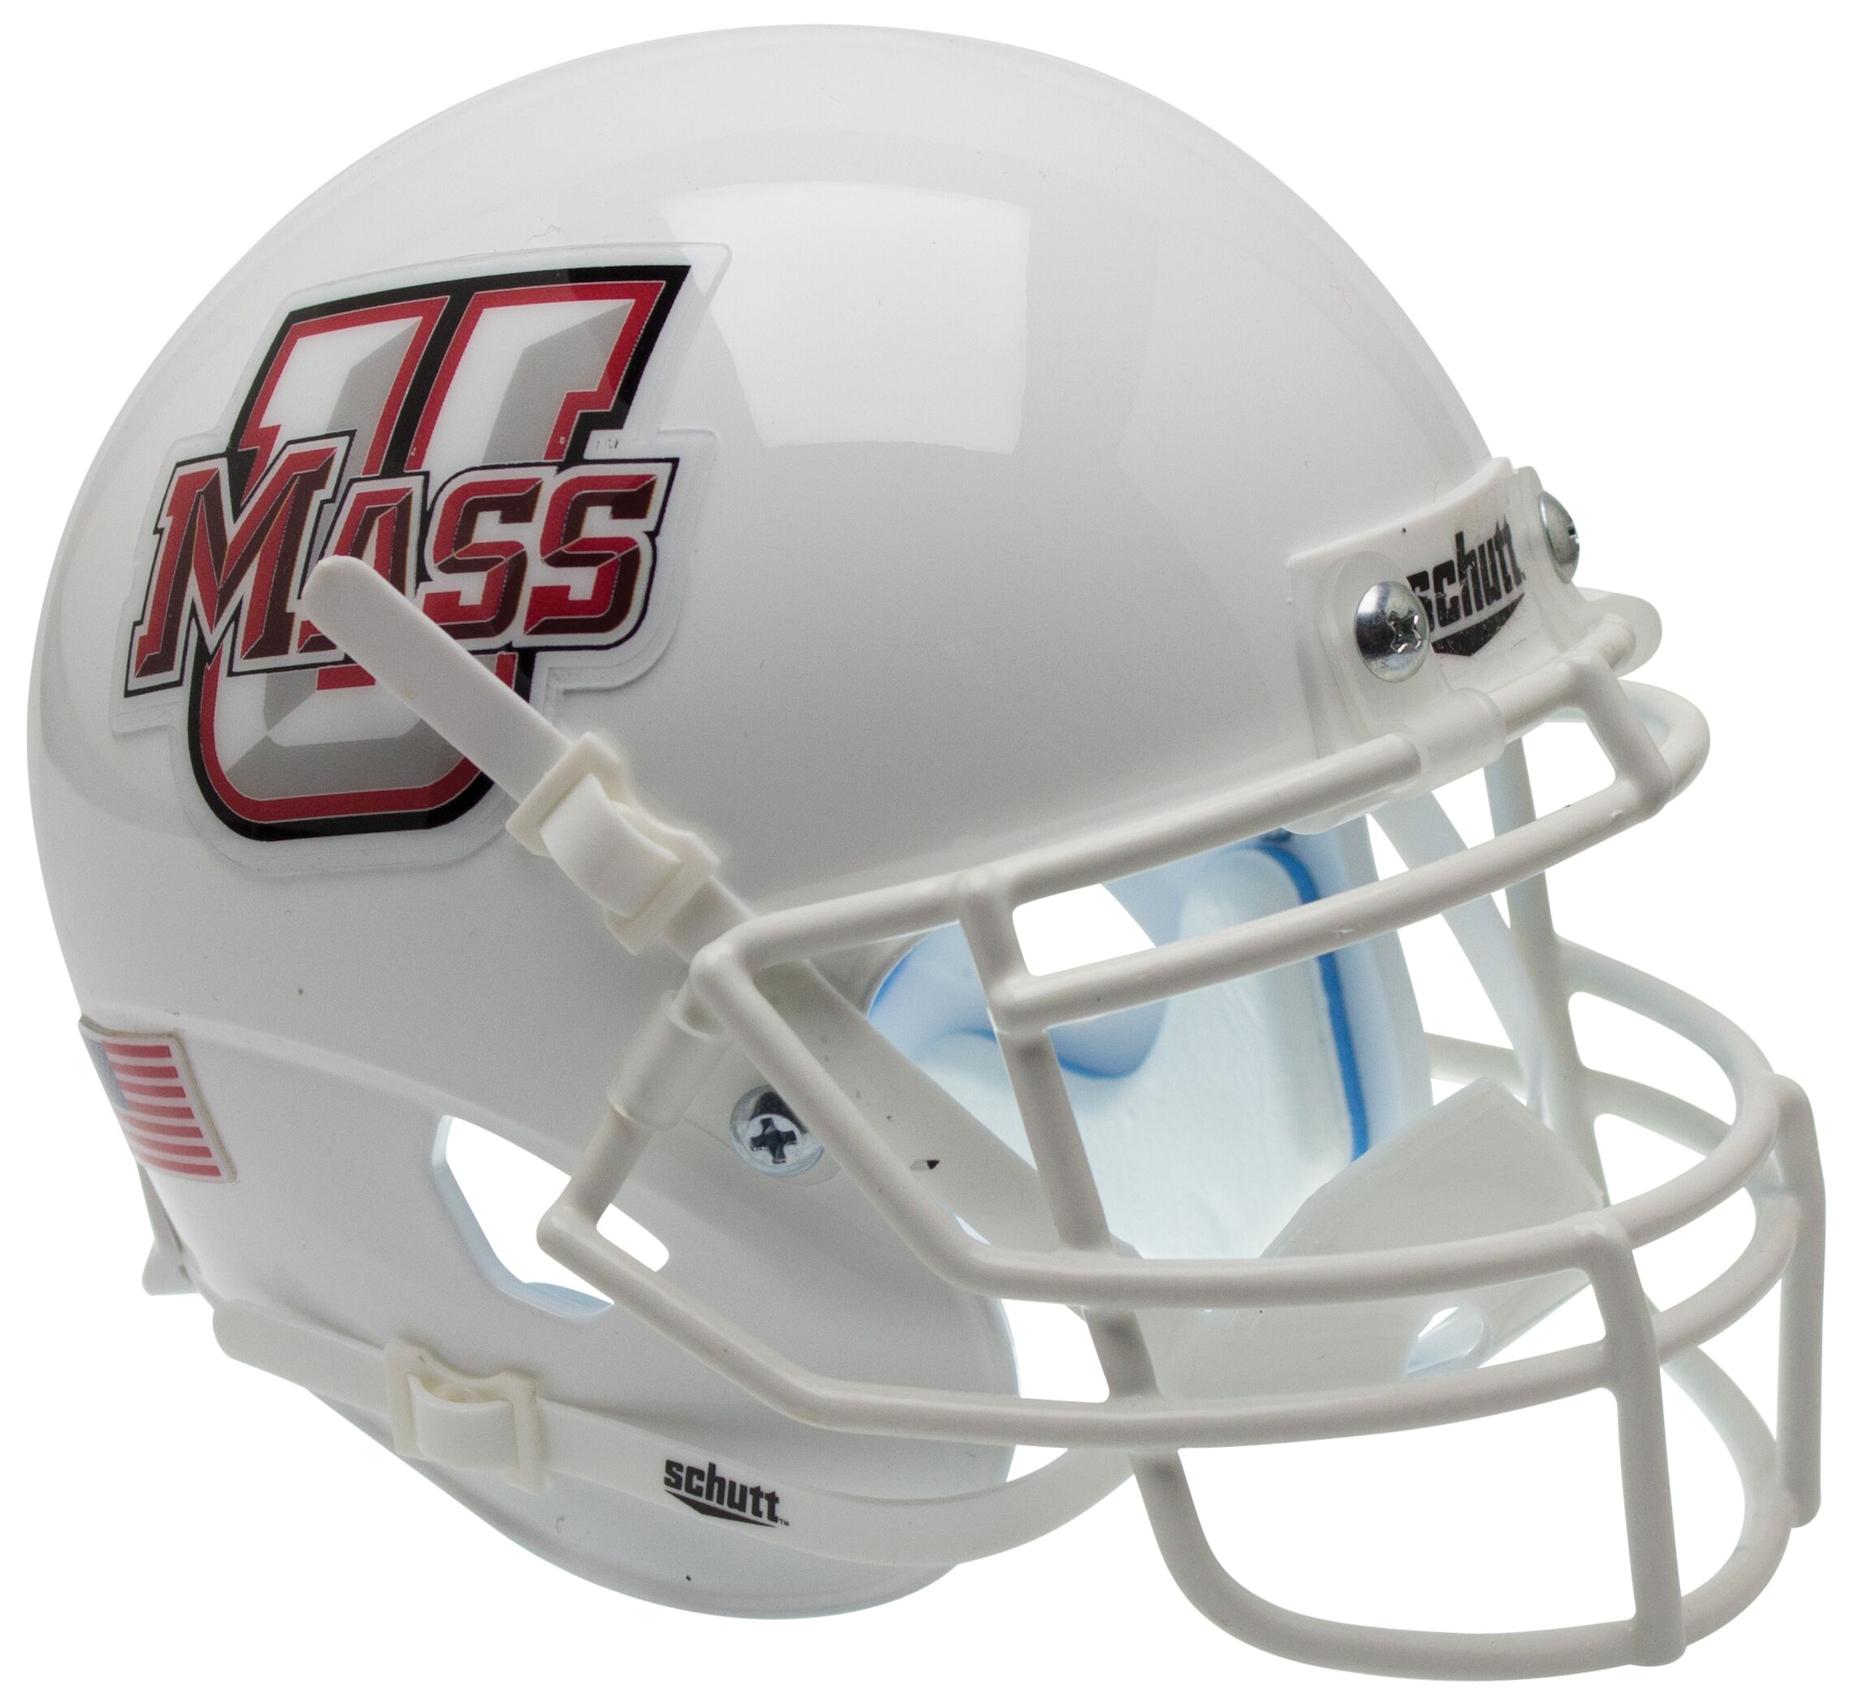 U Mass Minutemen Full XP Replica Football Helmet Schutt <B>White</B>